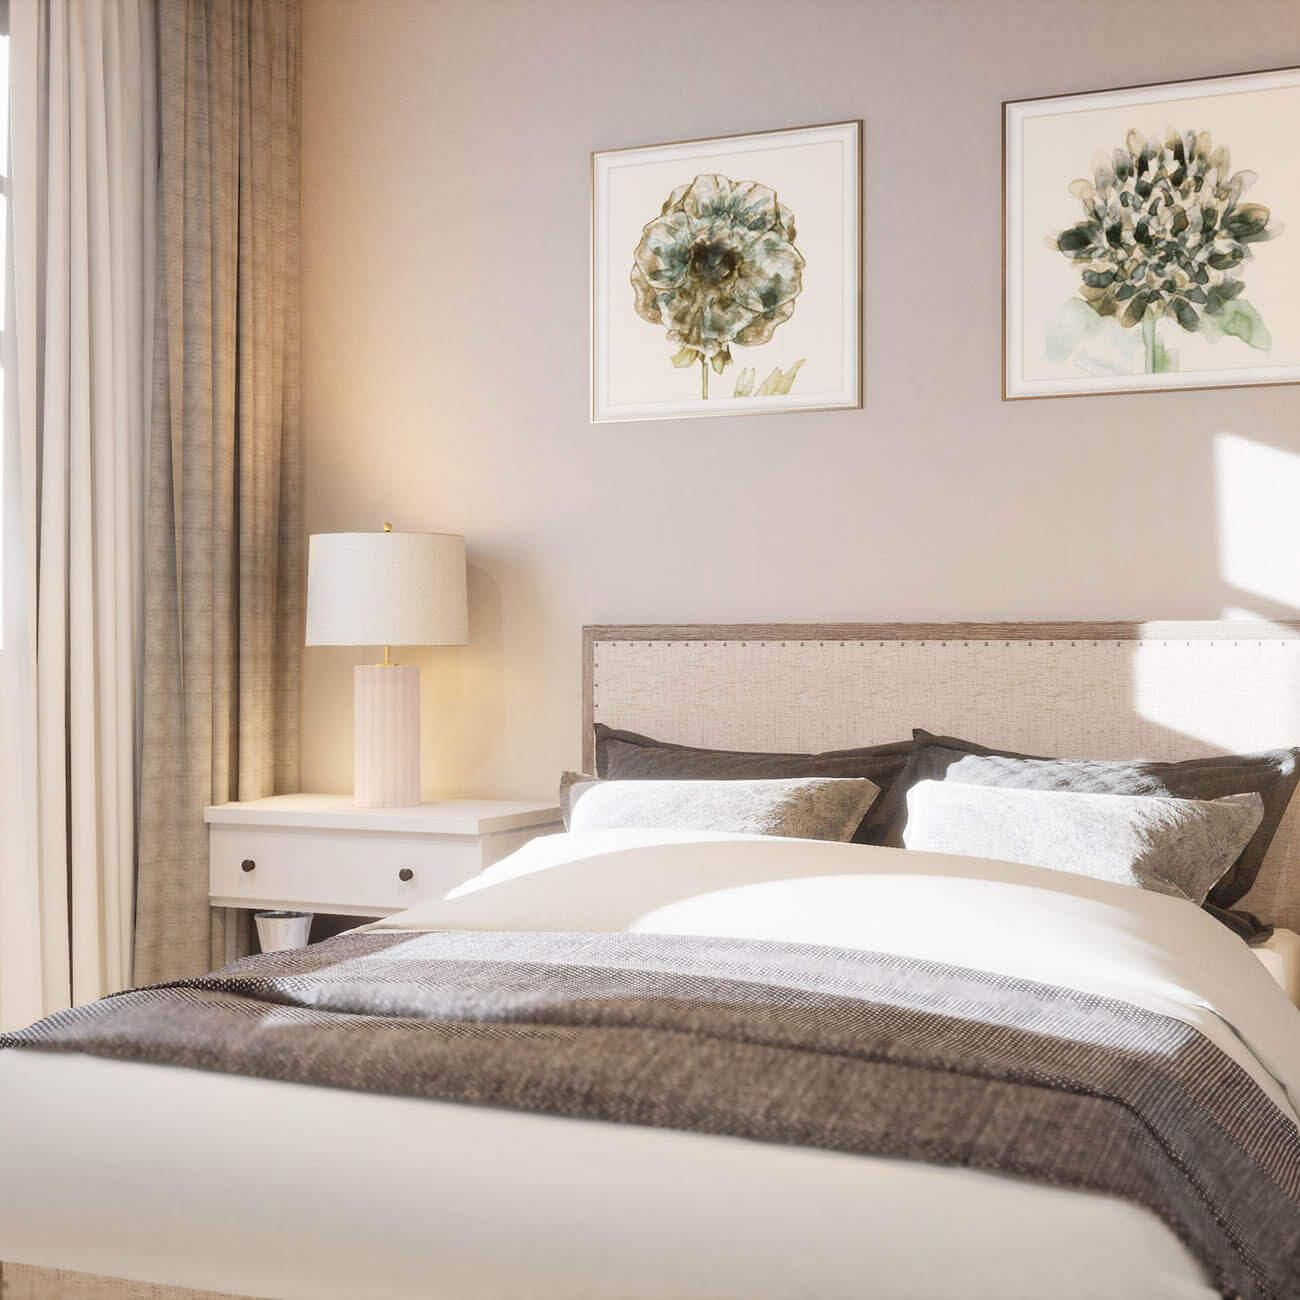 3D rendering of apartment bedroom